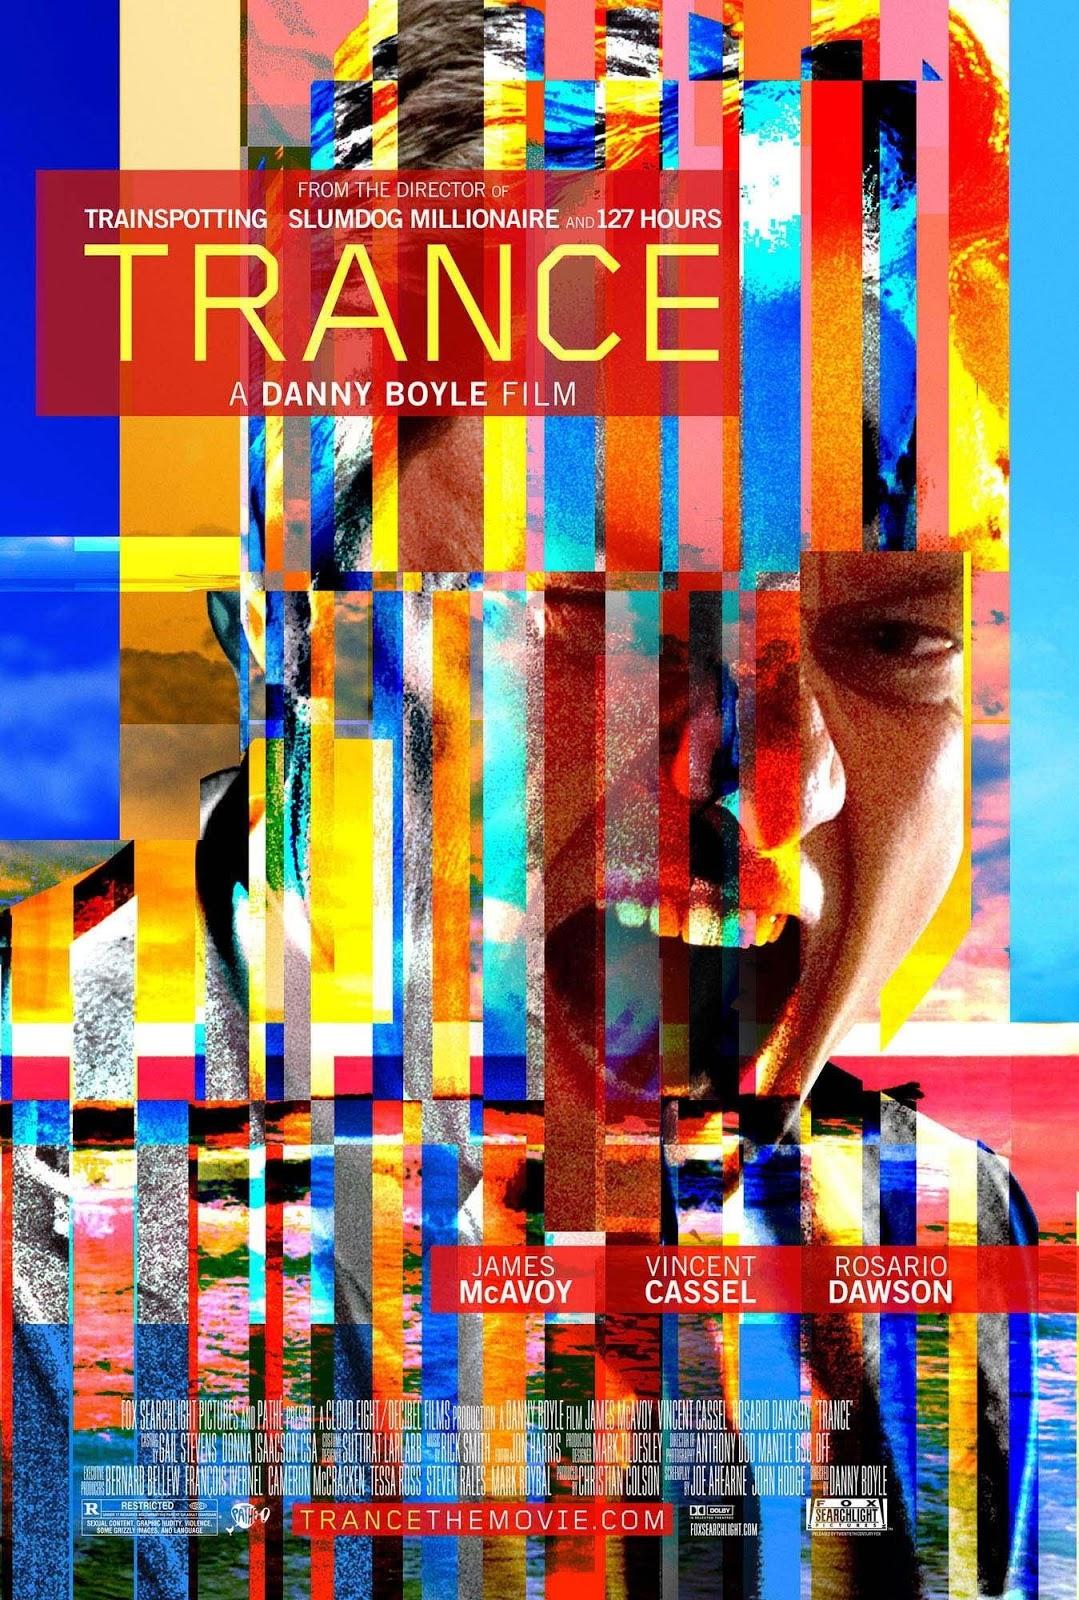 http://3.bp.blogspot.com/-5jtwFfQ6CY0/UVNsGlT4MrI/AAAAAAAAjnk/jgT3LBMF9rs/s1600/trance-poster04.jpg